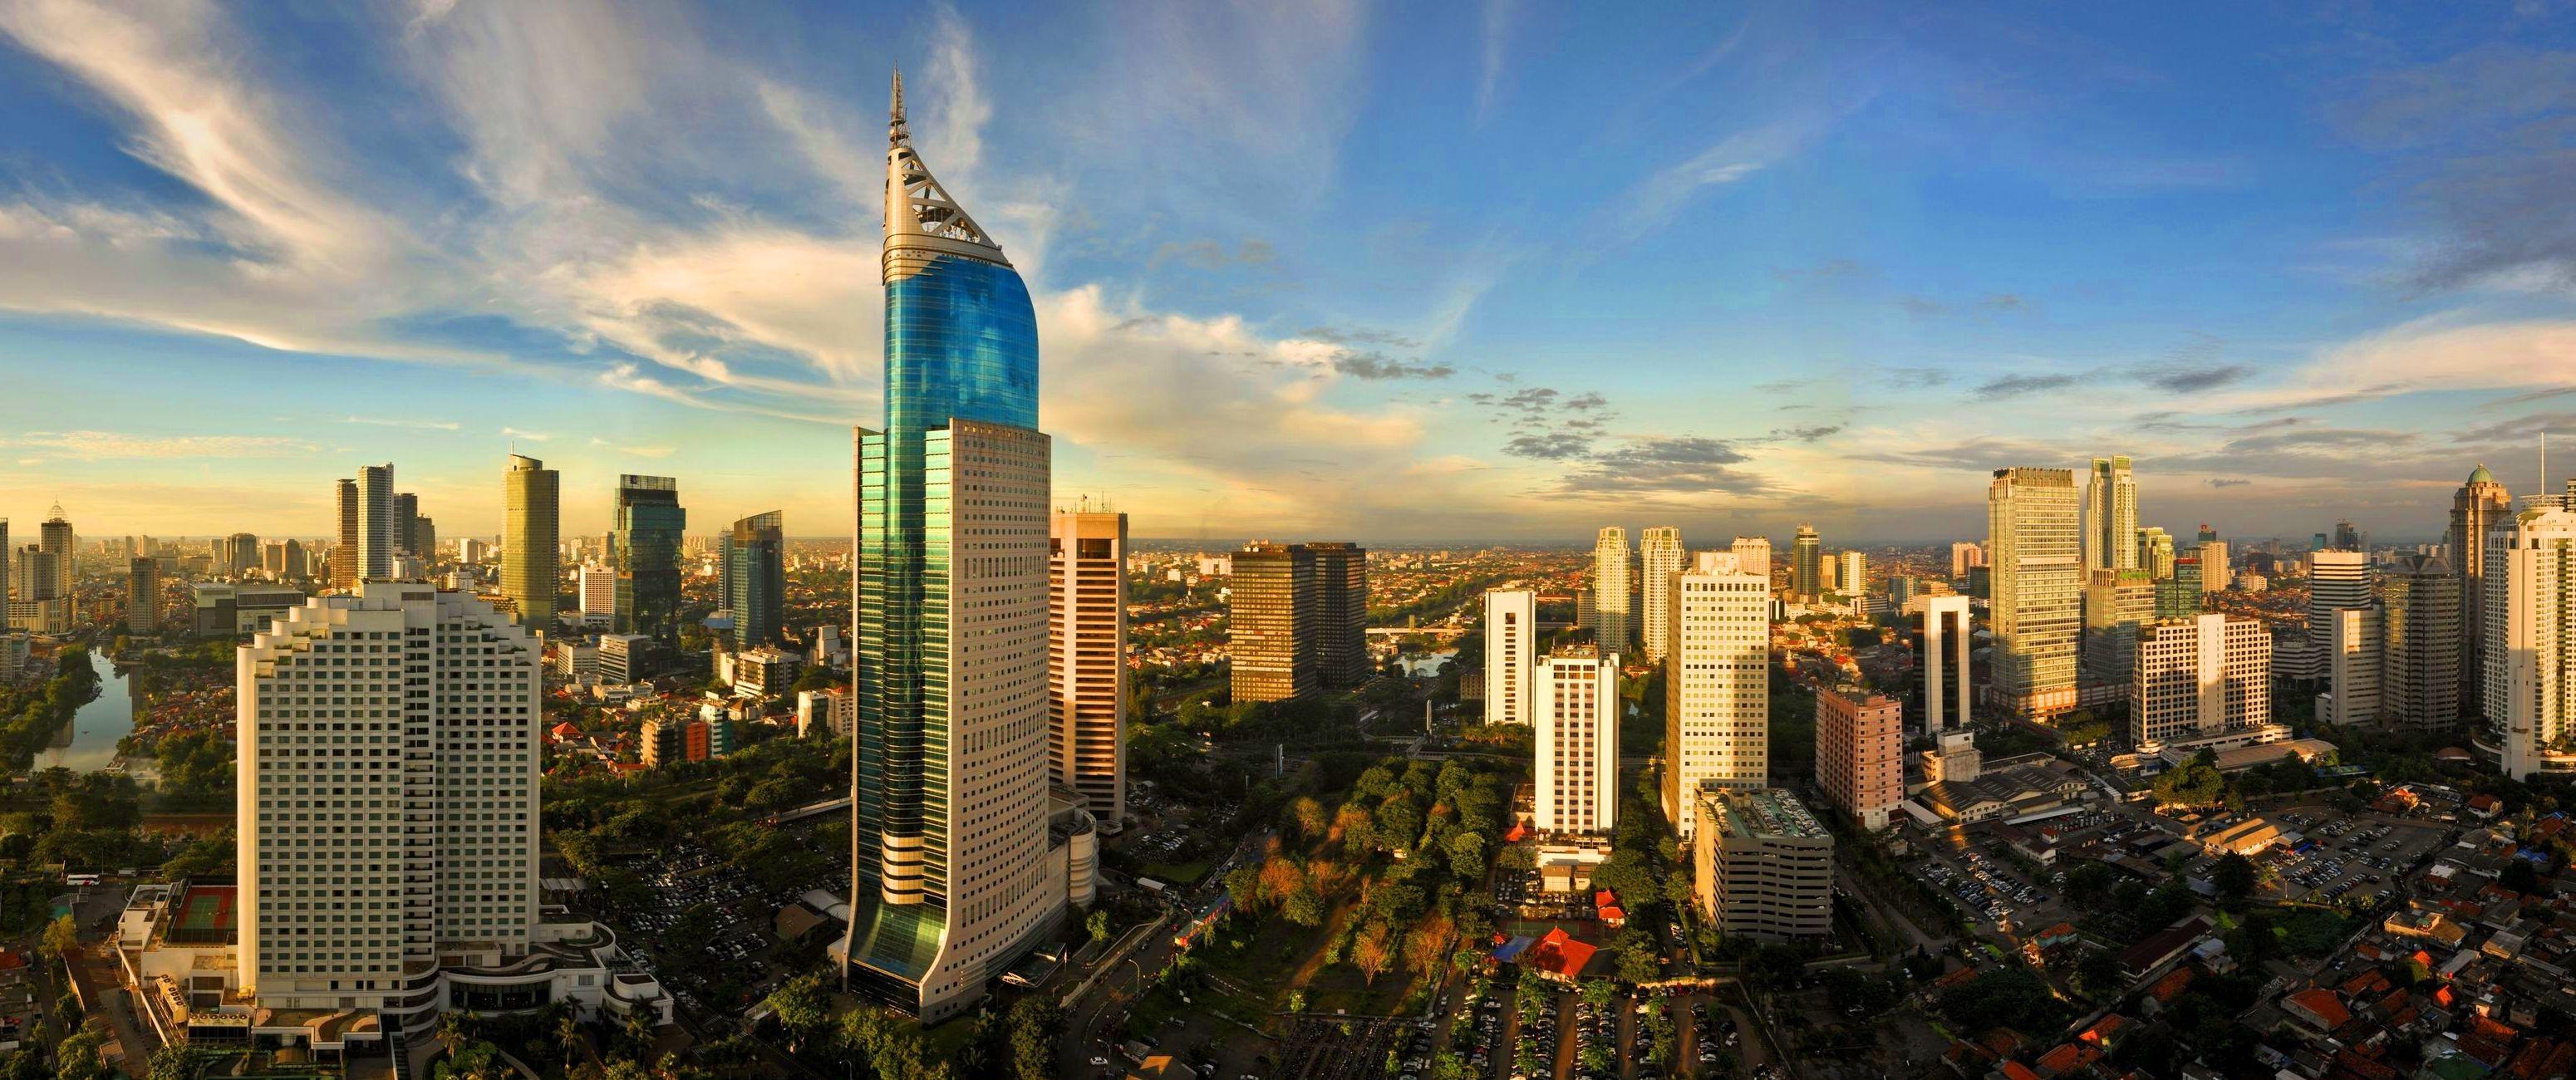 Le ministre des finances rencontre plusieurs bailleurs de fonds en Indonésie